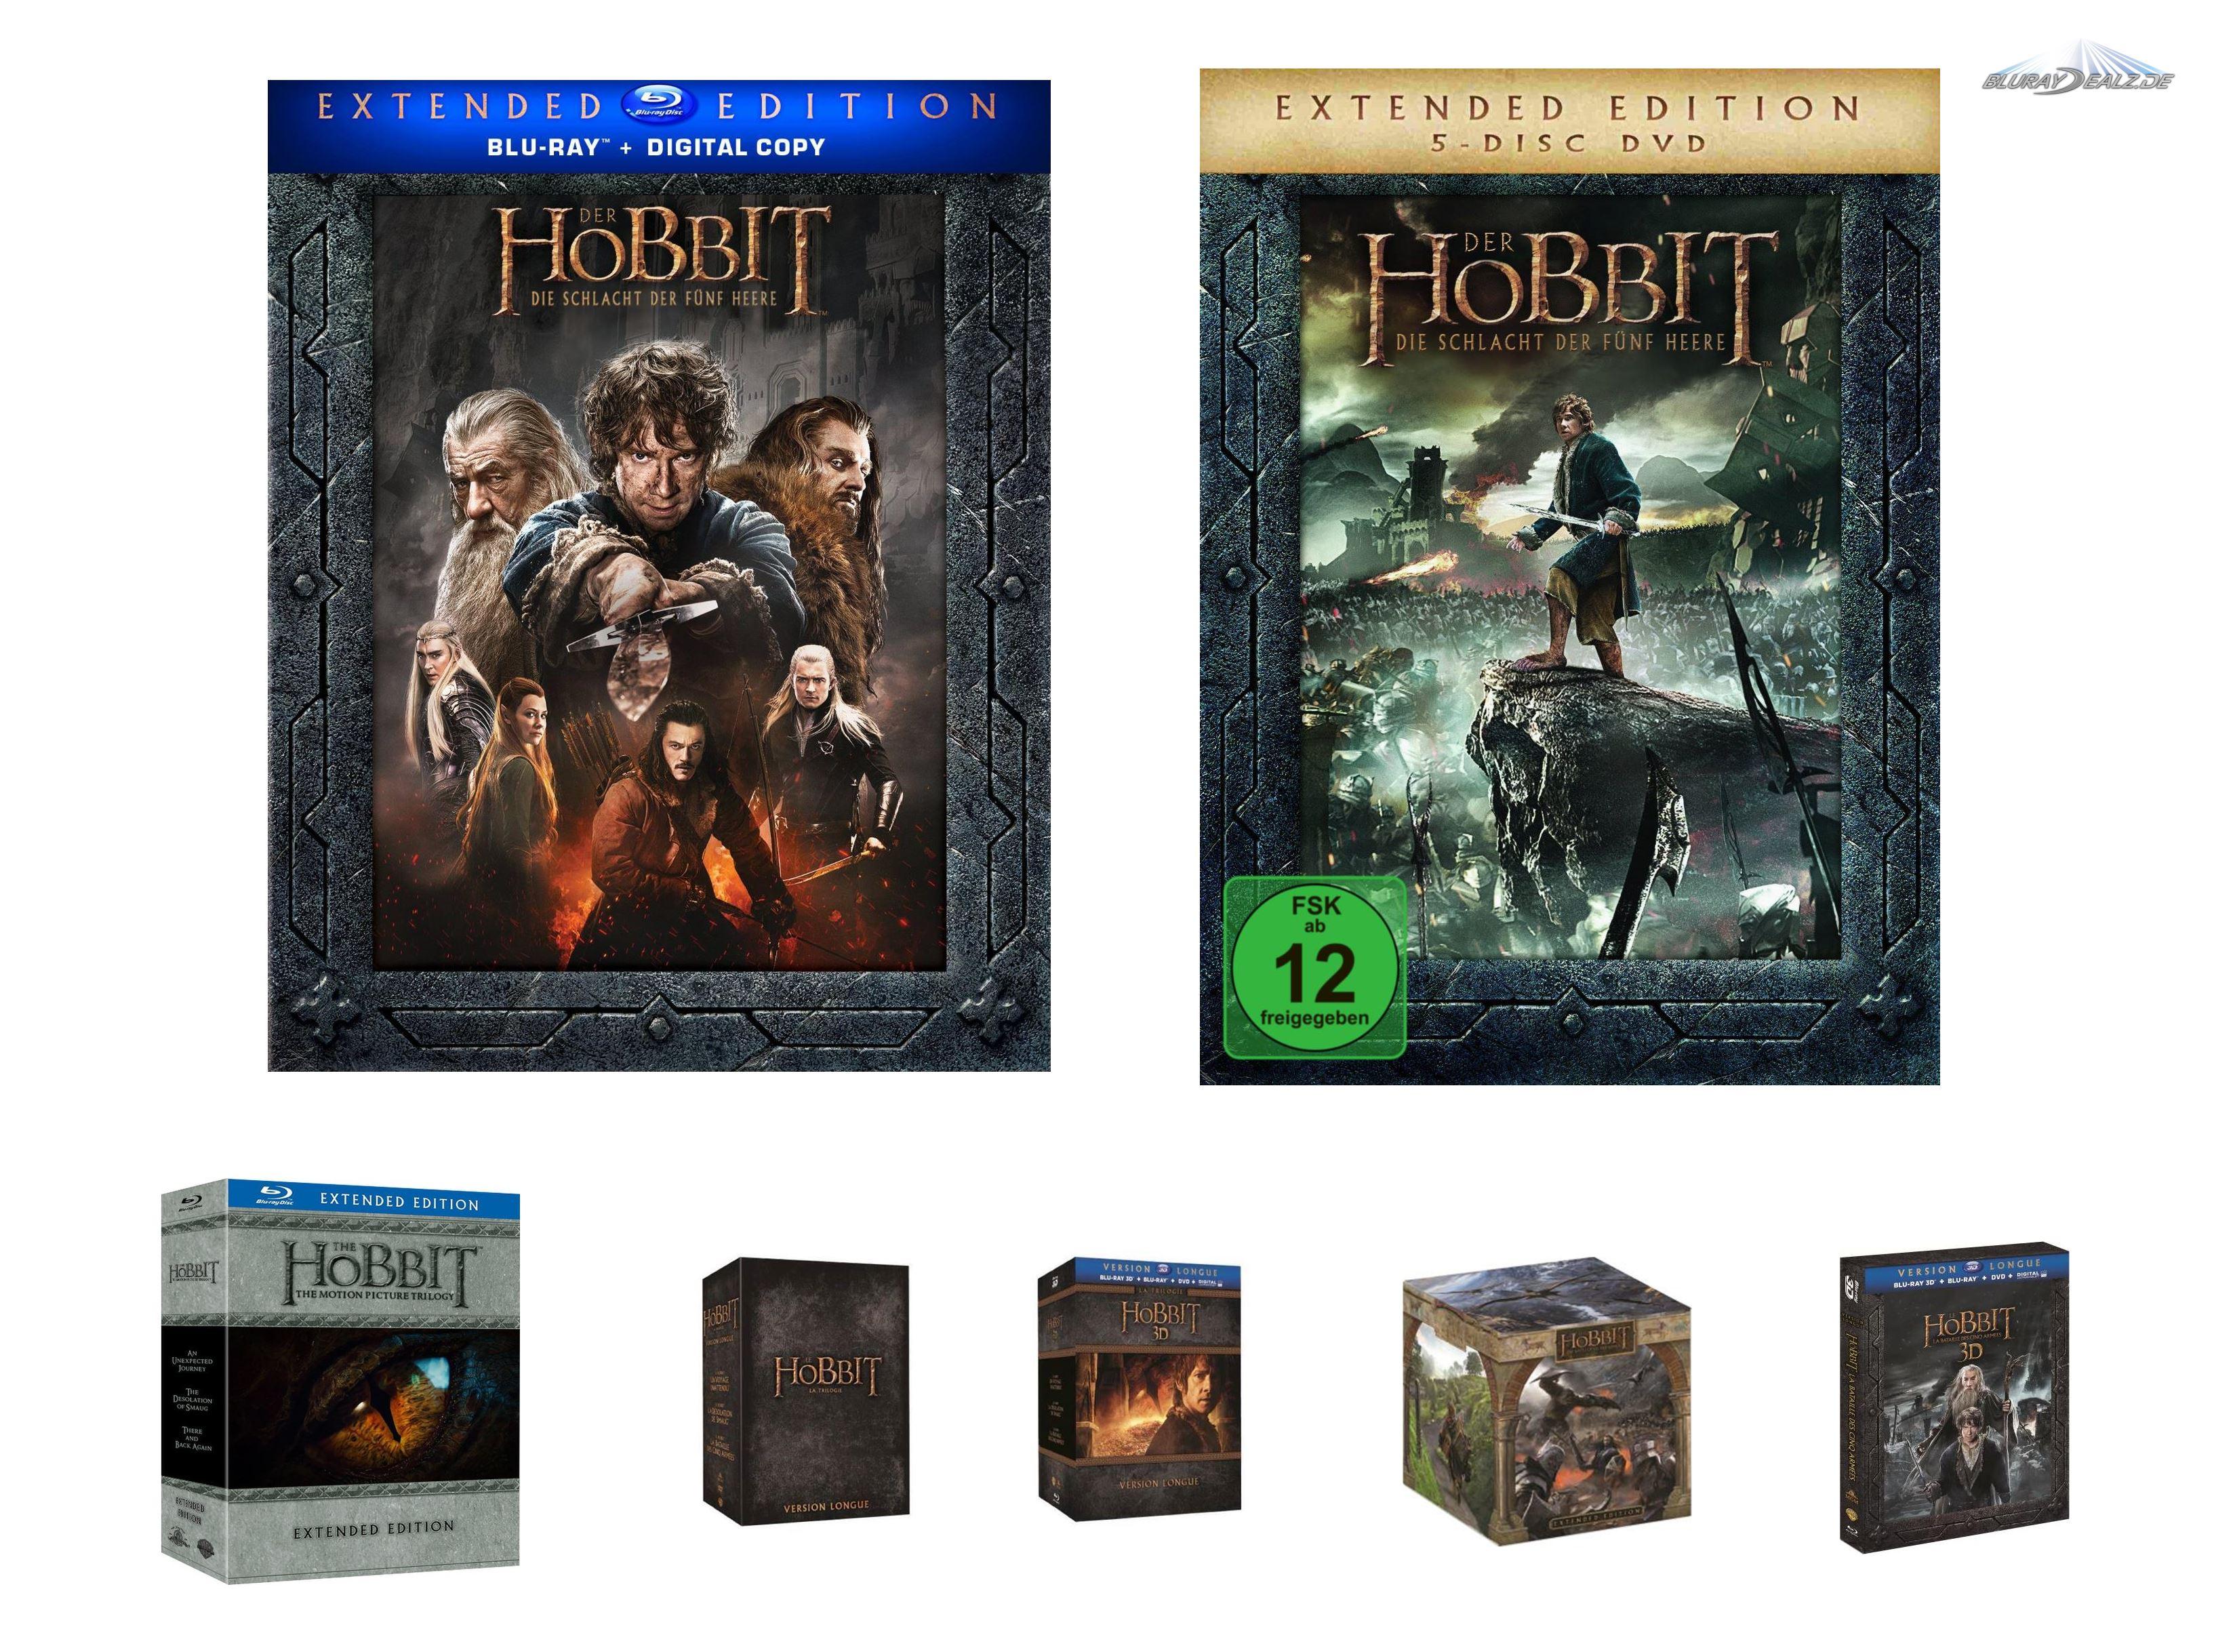 Der Hobbit 3 Die Schlacht Der Fünf Heere Extendedsammler